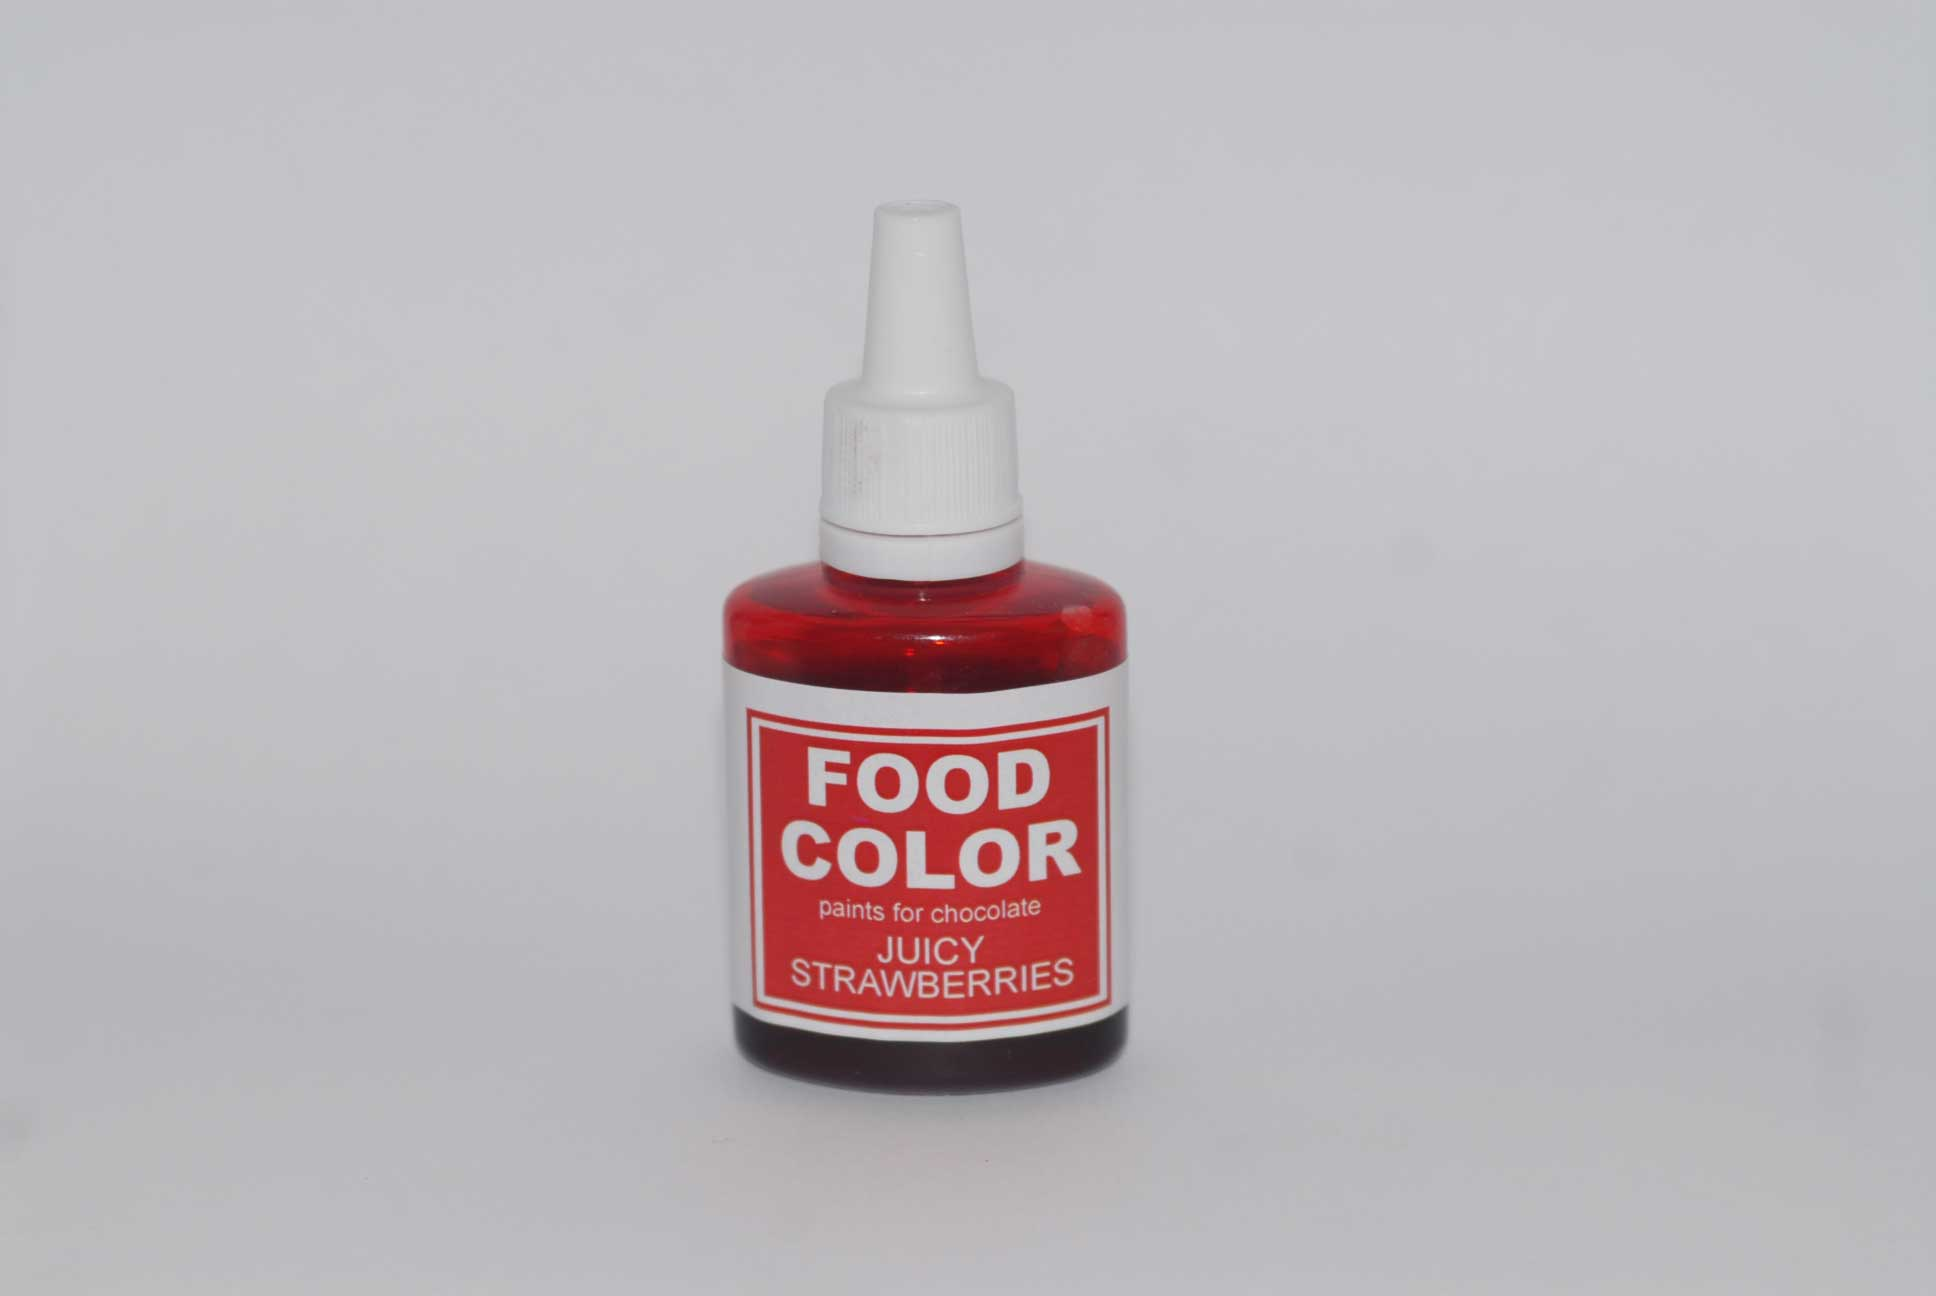 Краситель для шоколада FOOD COLOR Juicy Strawberries / Cочная Клубника, 25 гр